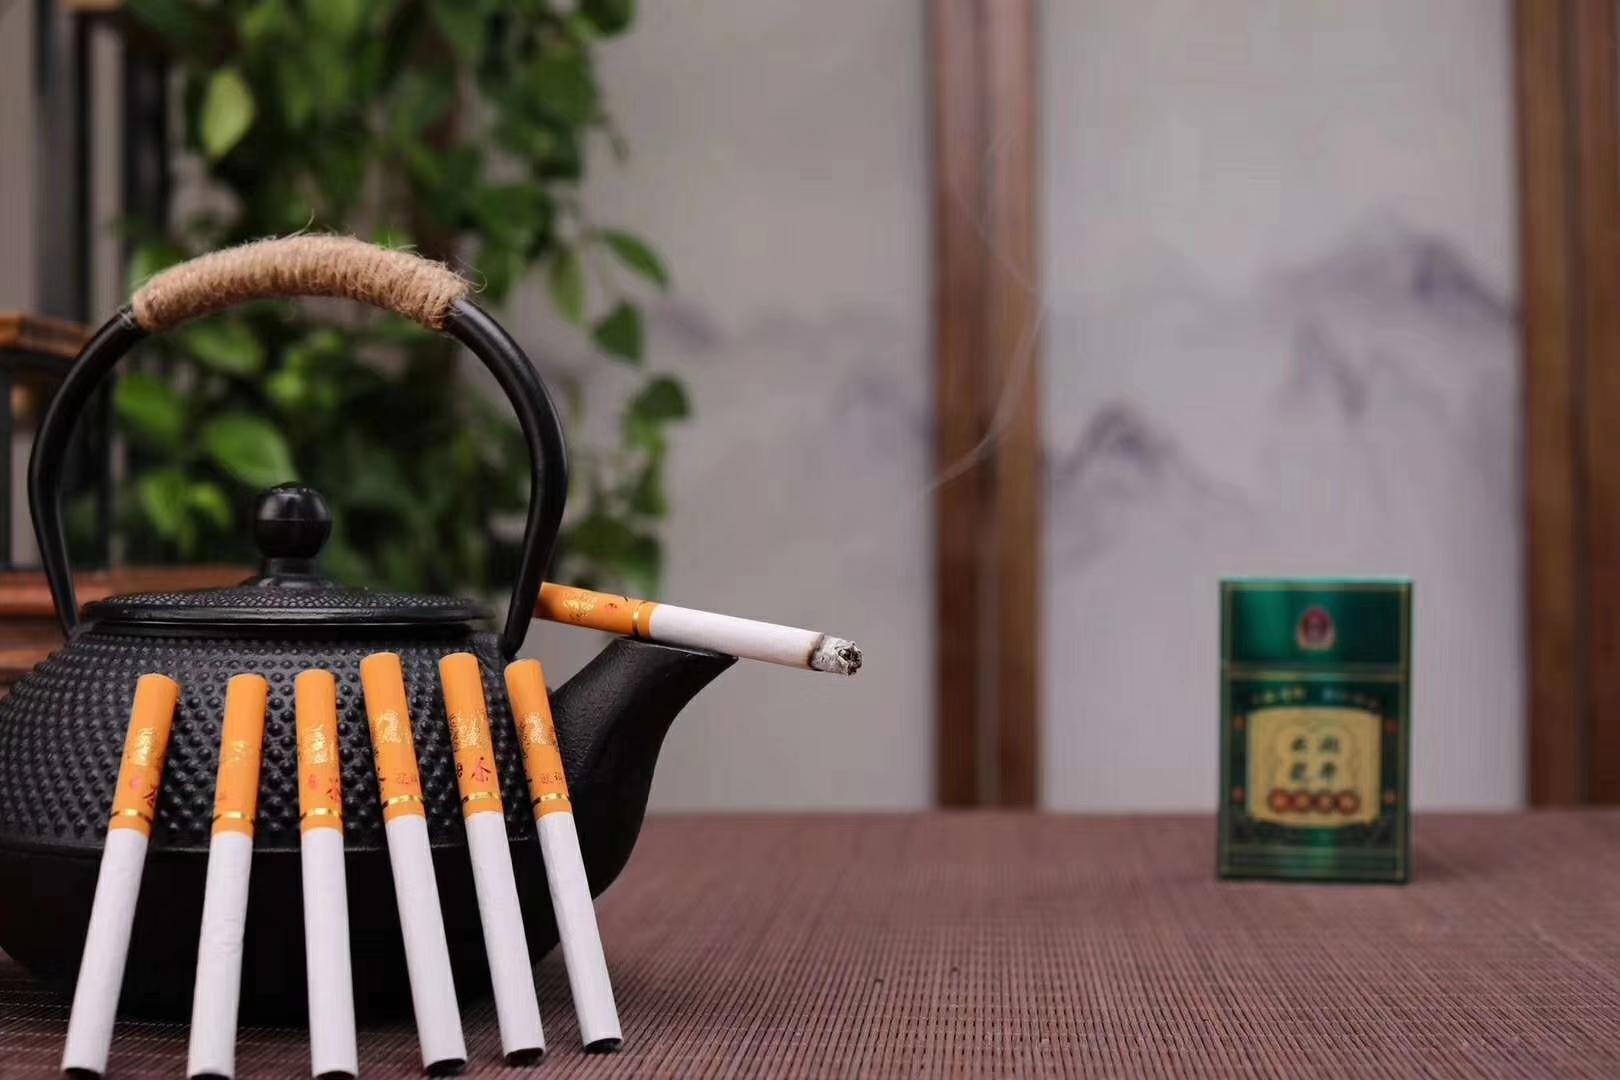 汉早味专业接受茶烟定制